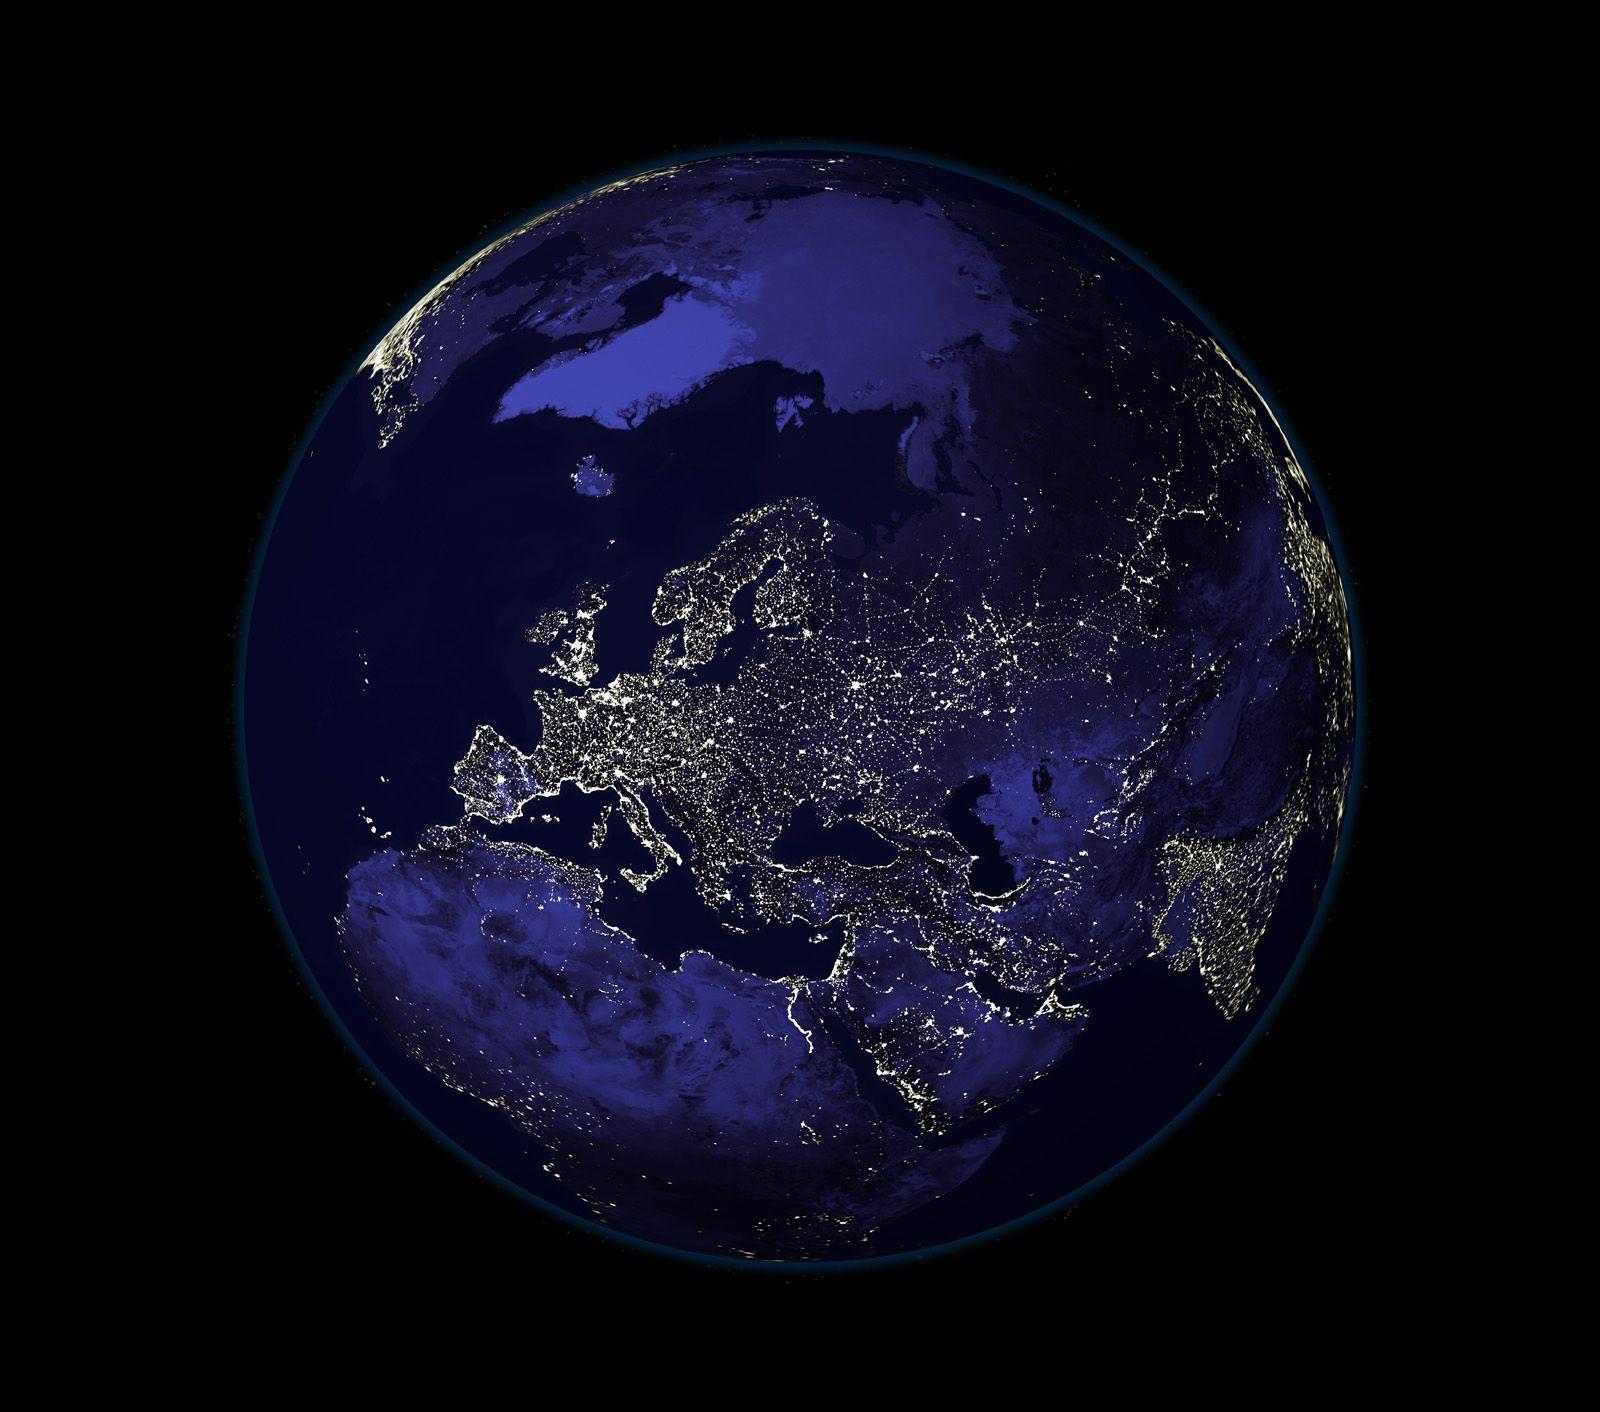 Desktop Wallpaper Earth From Space